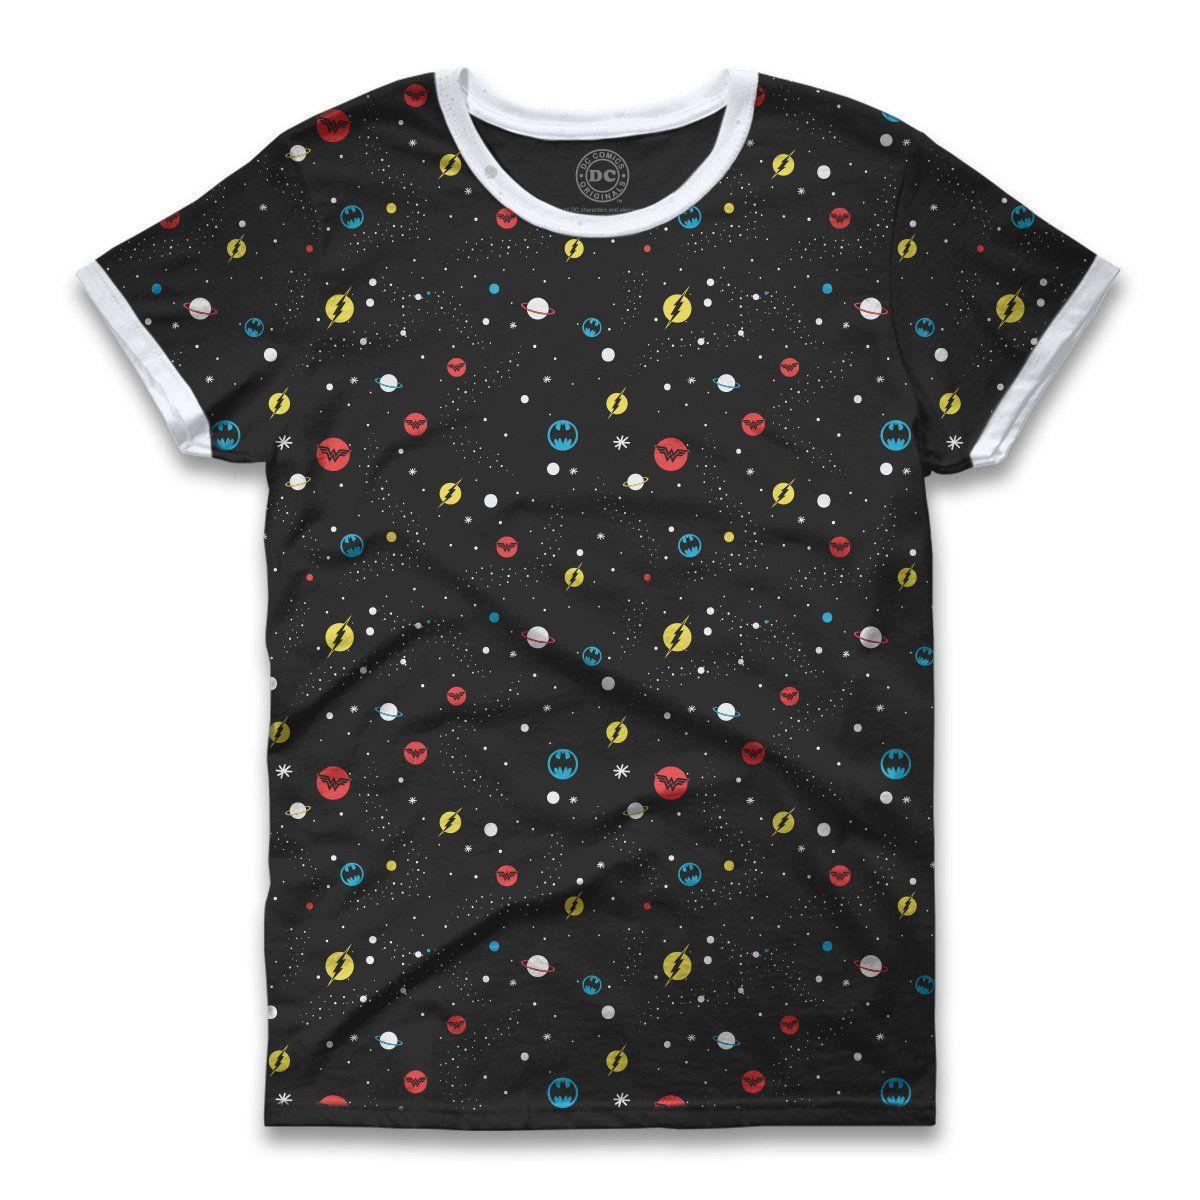 Camiseta Ringer Feminina DC Icons Universe  - bandUP Store Marketplace